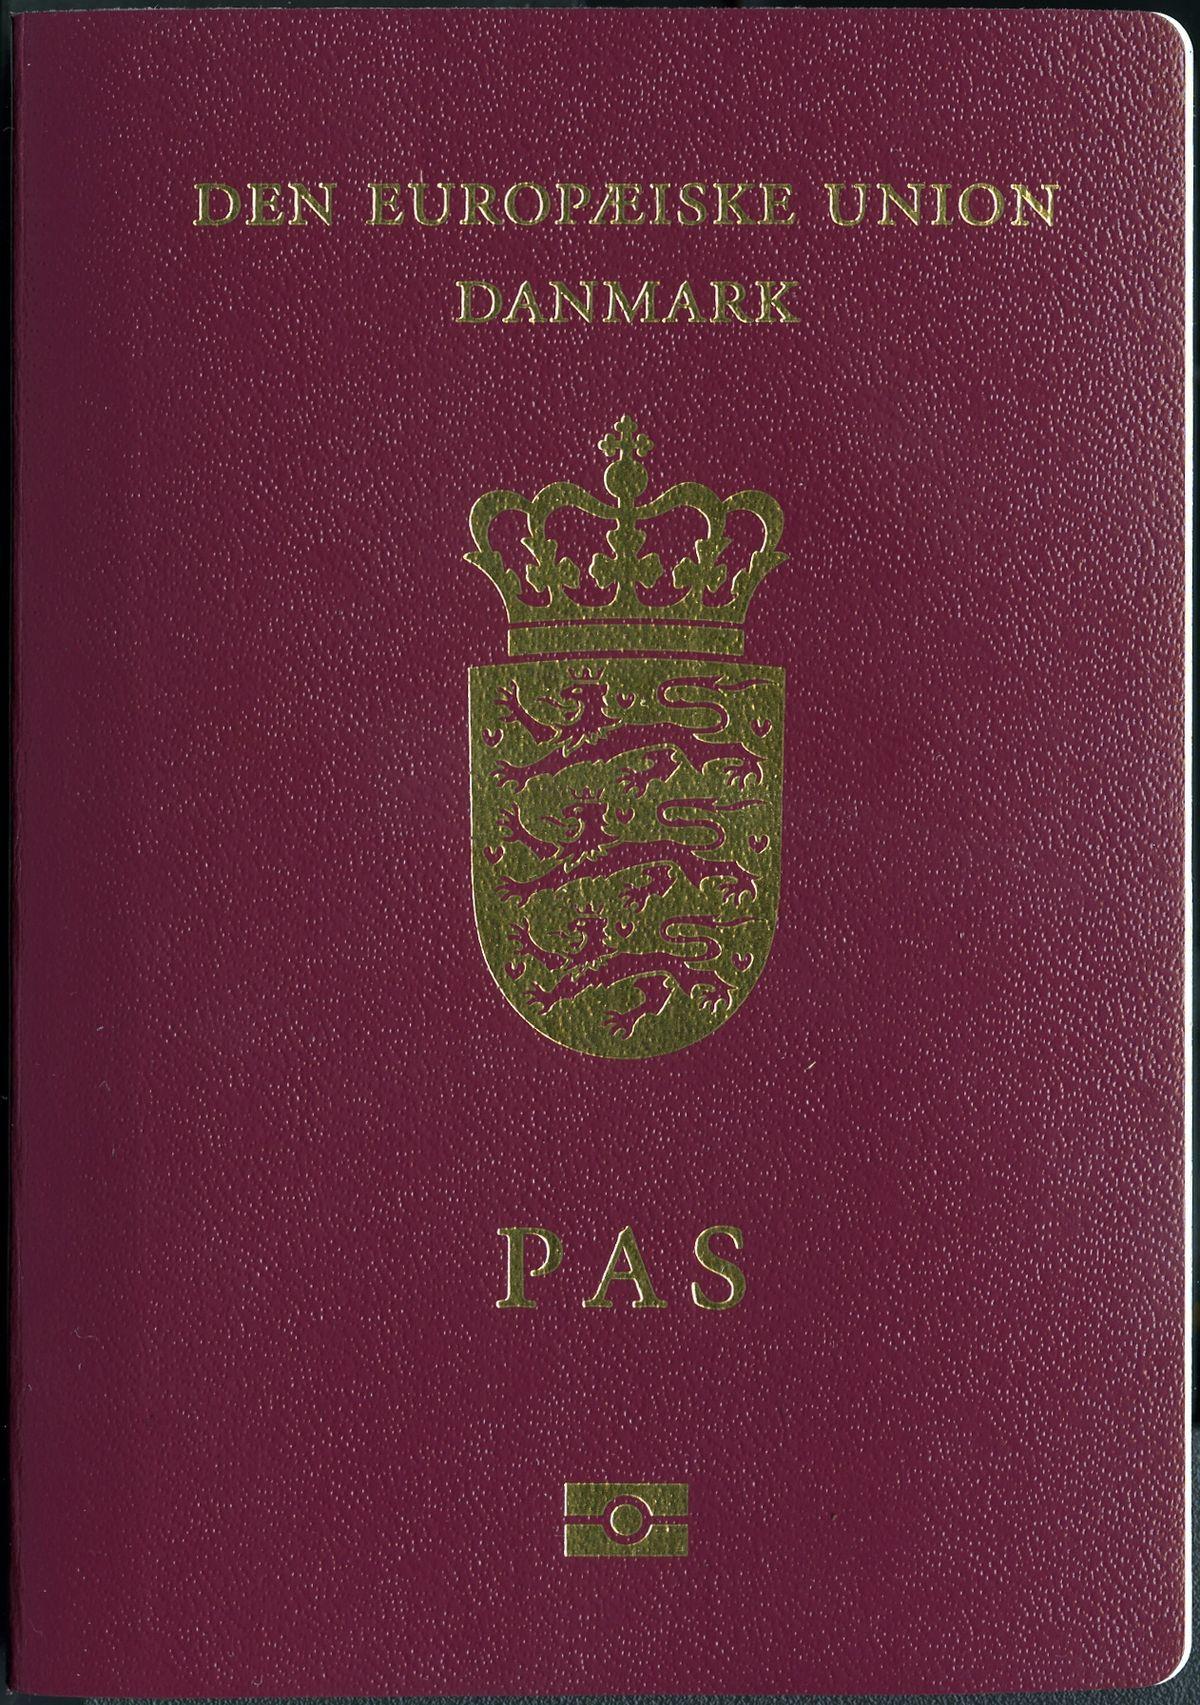 Danish Passport Wikipedia